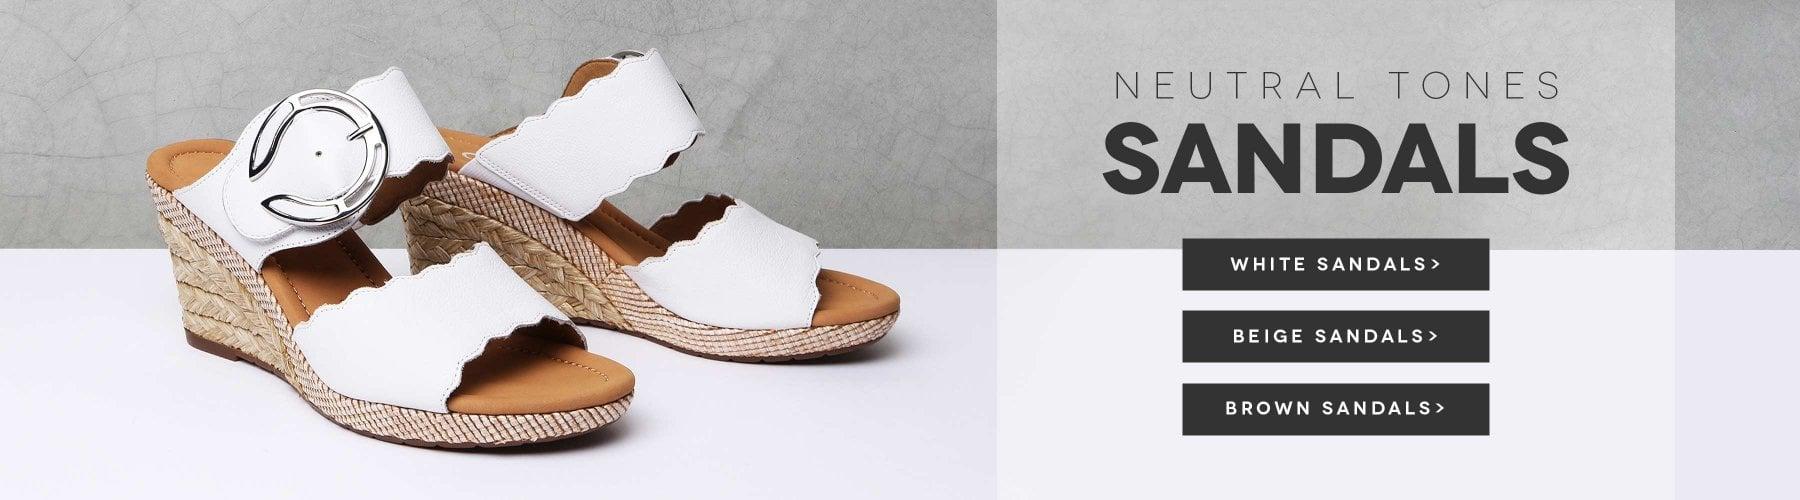 bca795d0ae3 Neutral Tones Sandals